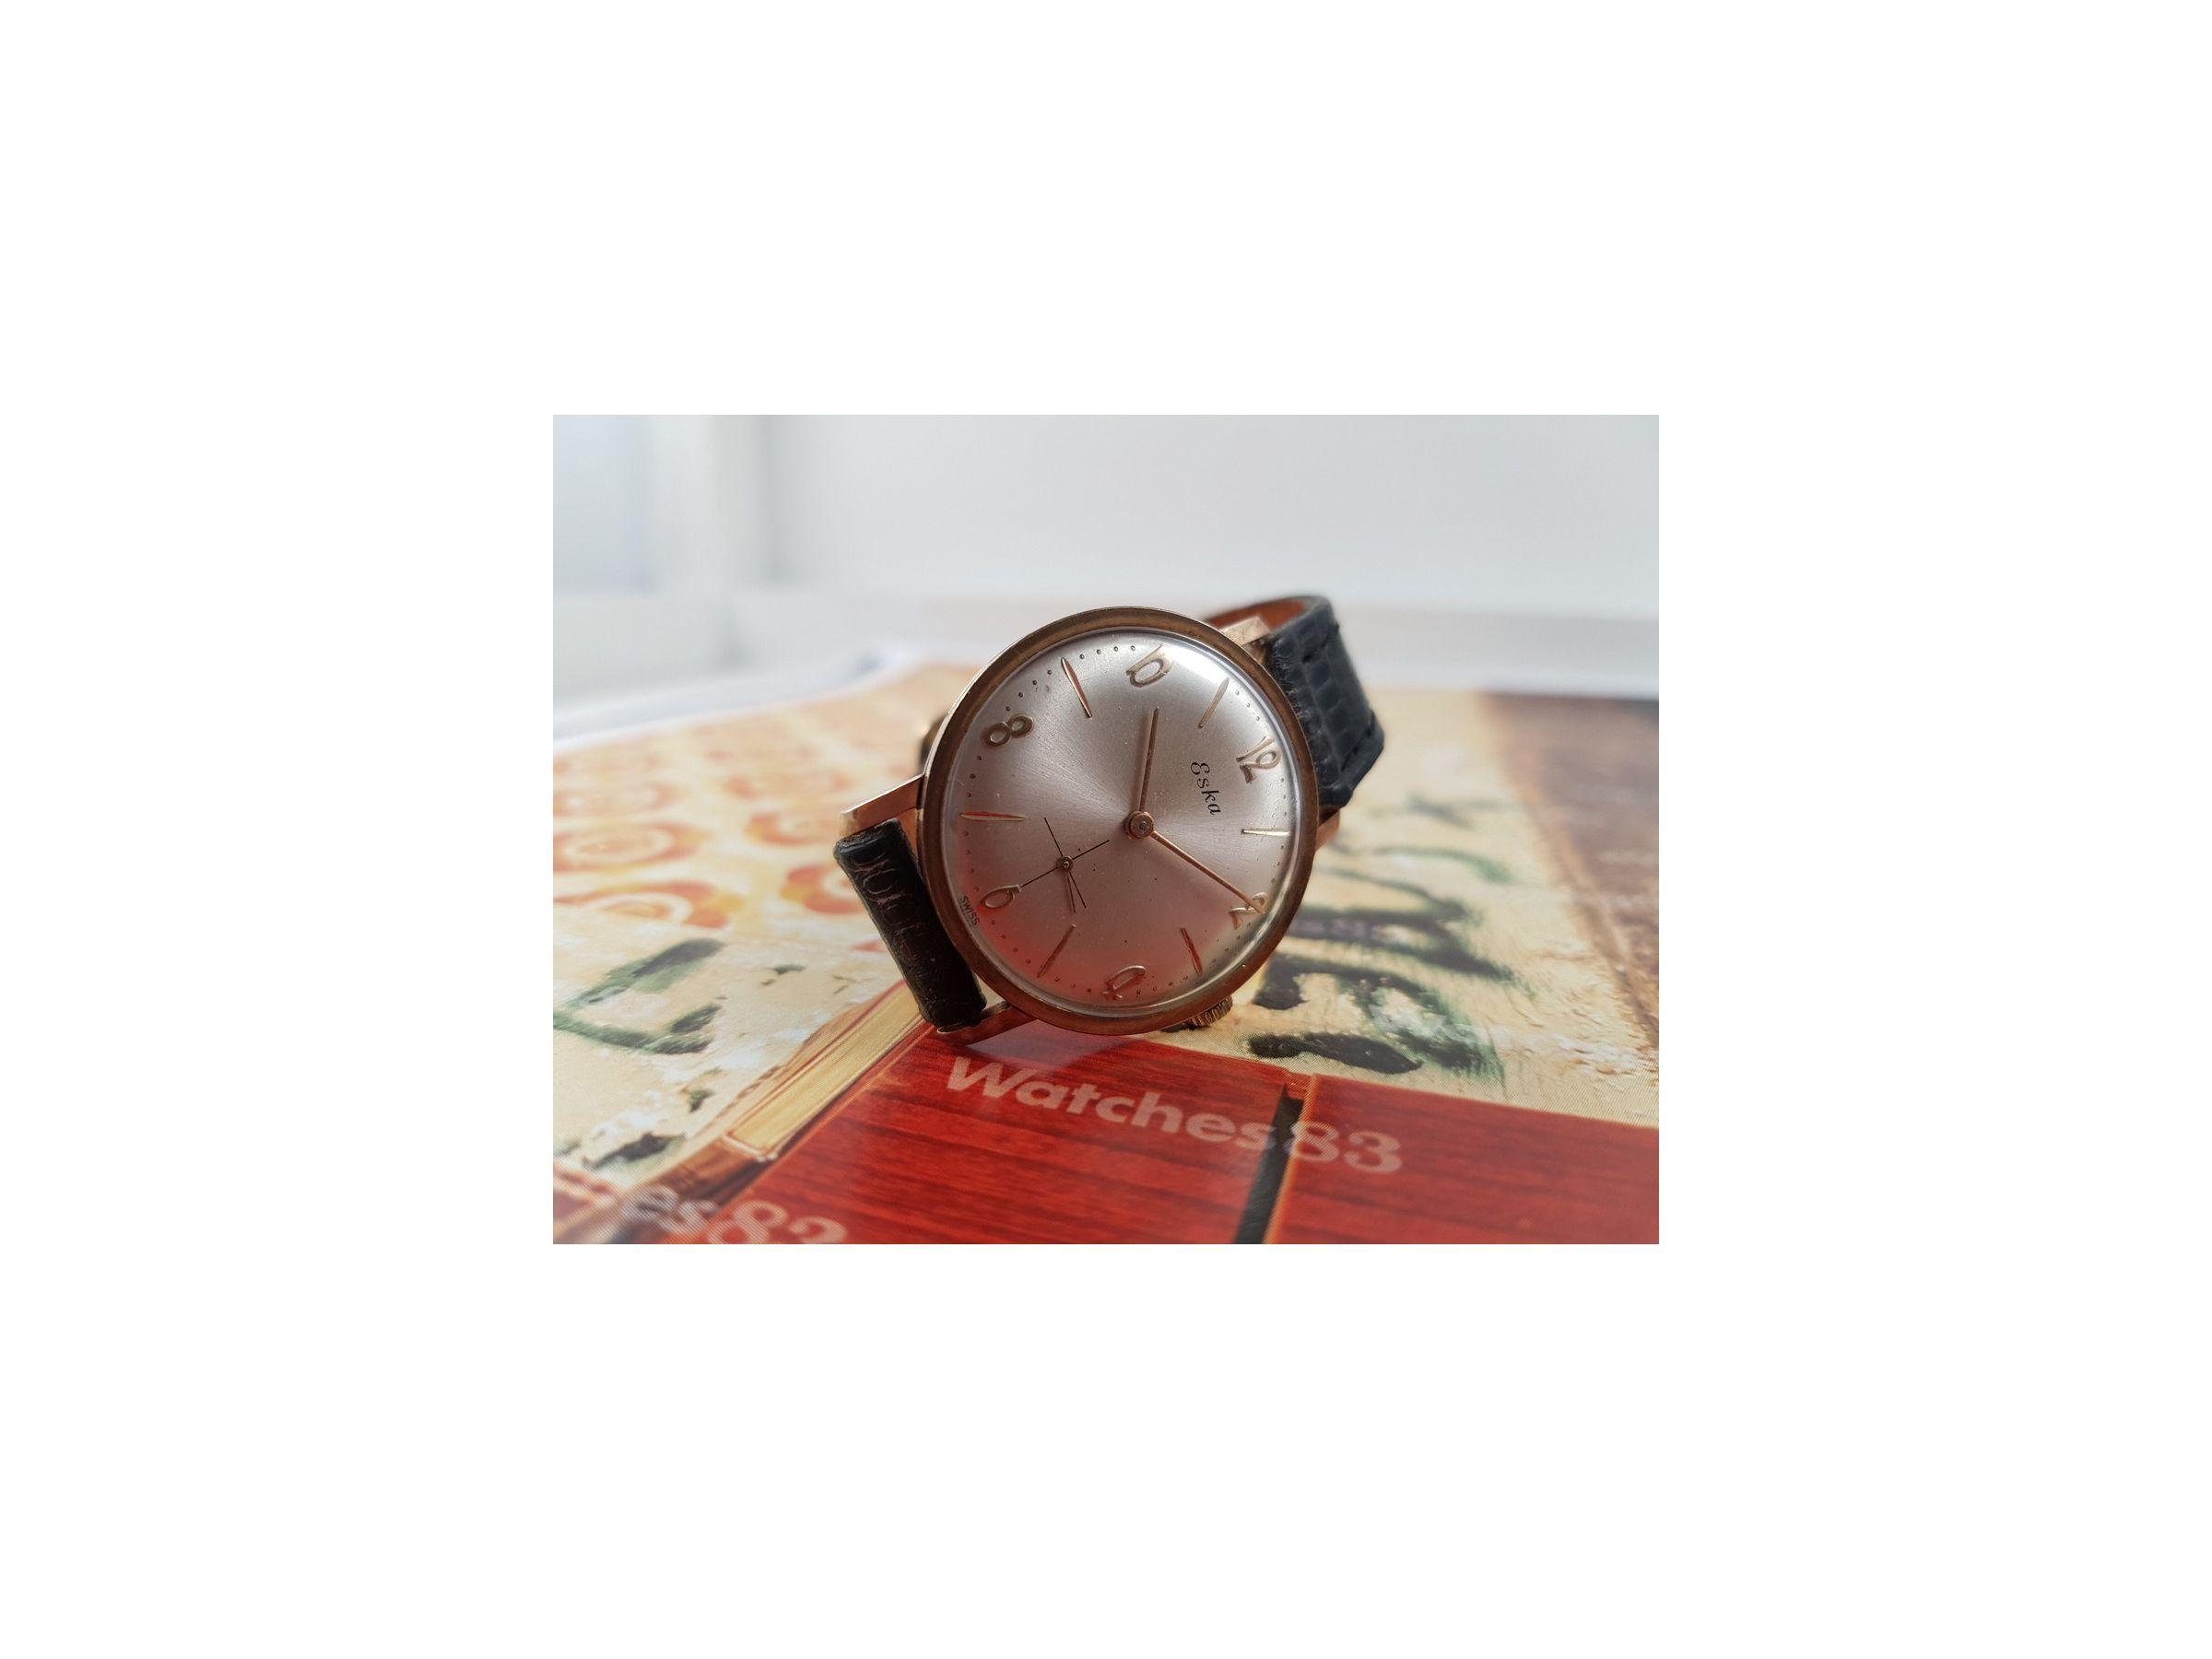 Plaqué Reloj Suizo Eska Or Antiguo Cuerda Watches83 De ZiwOPkTlXu